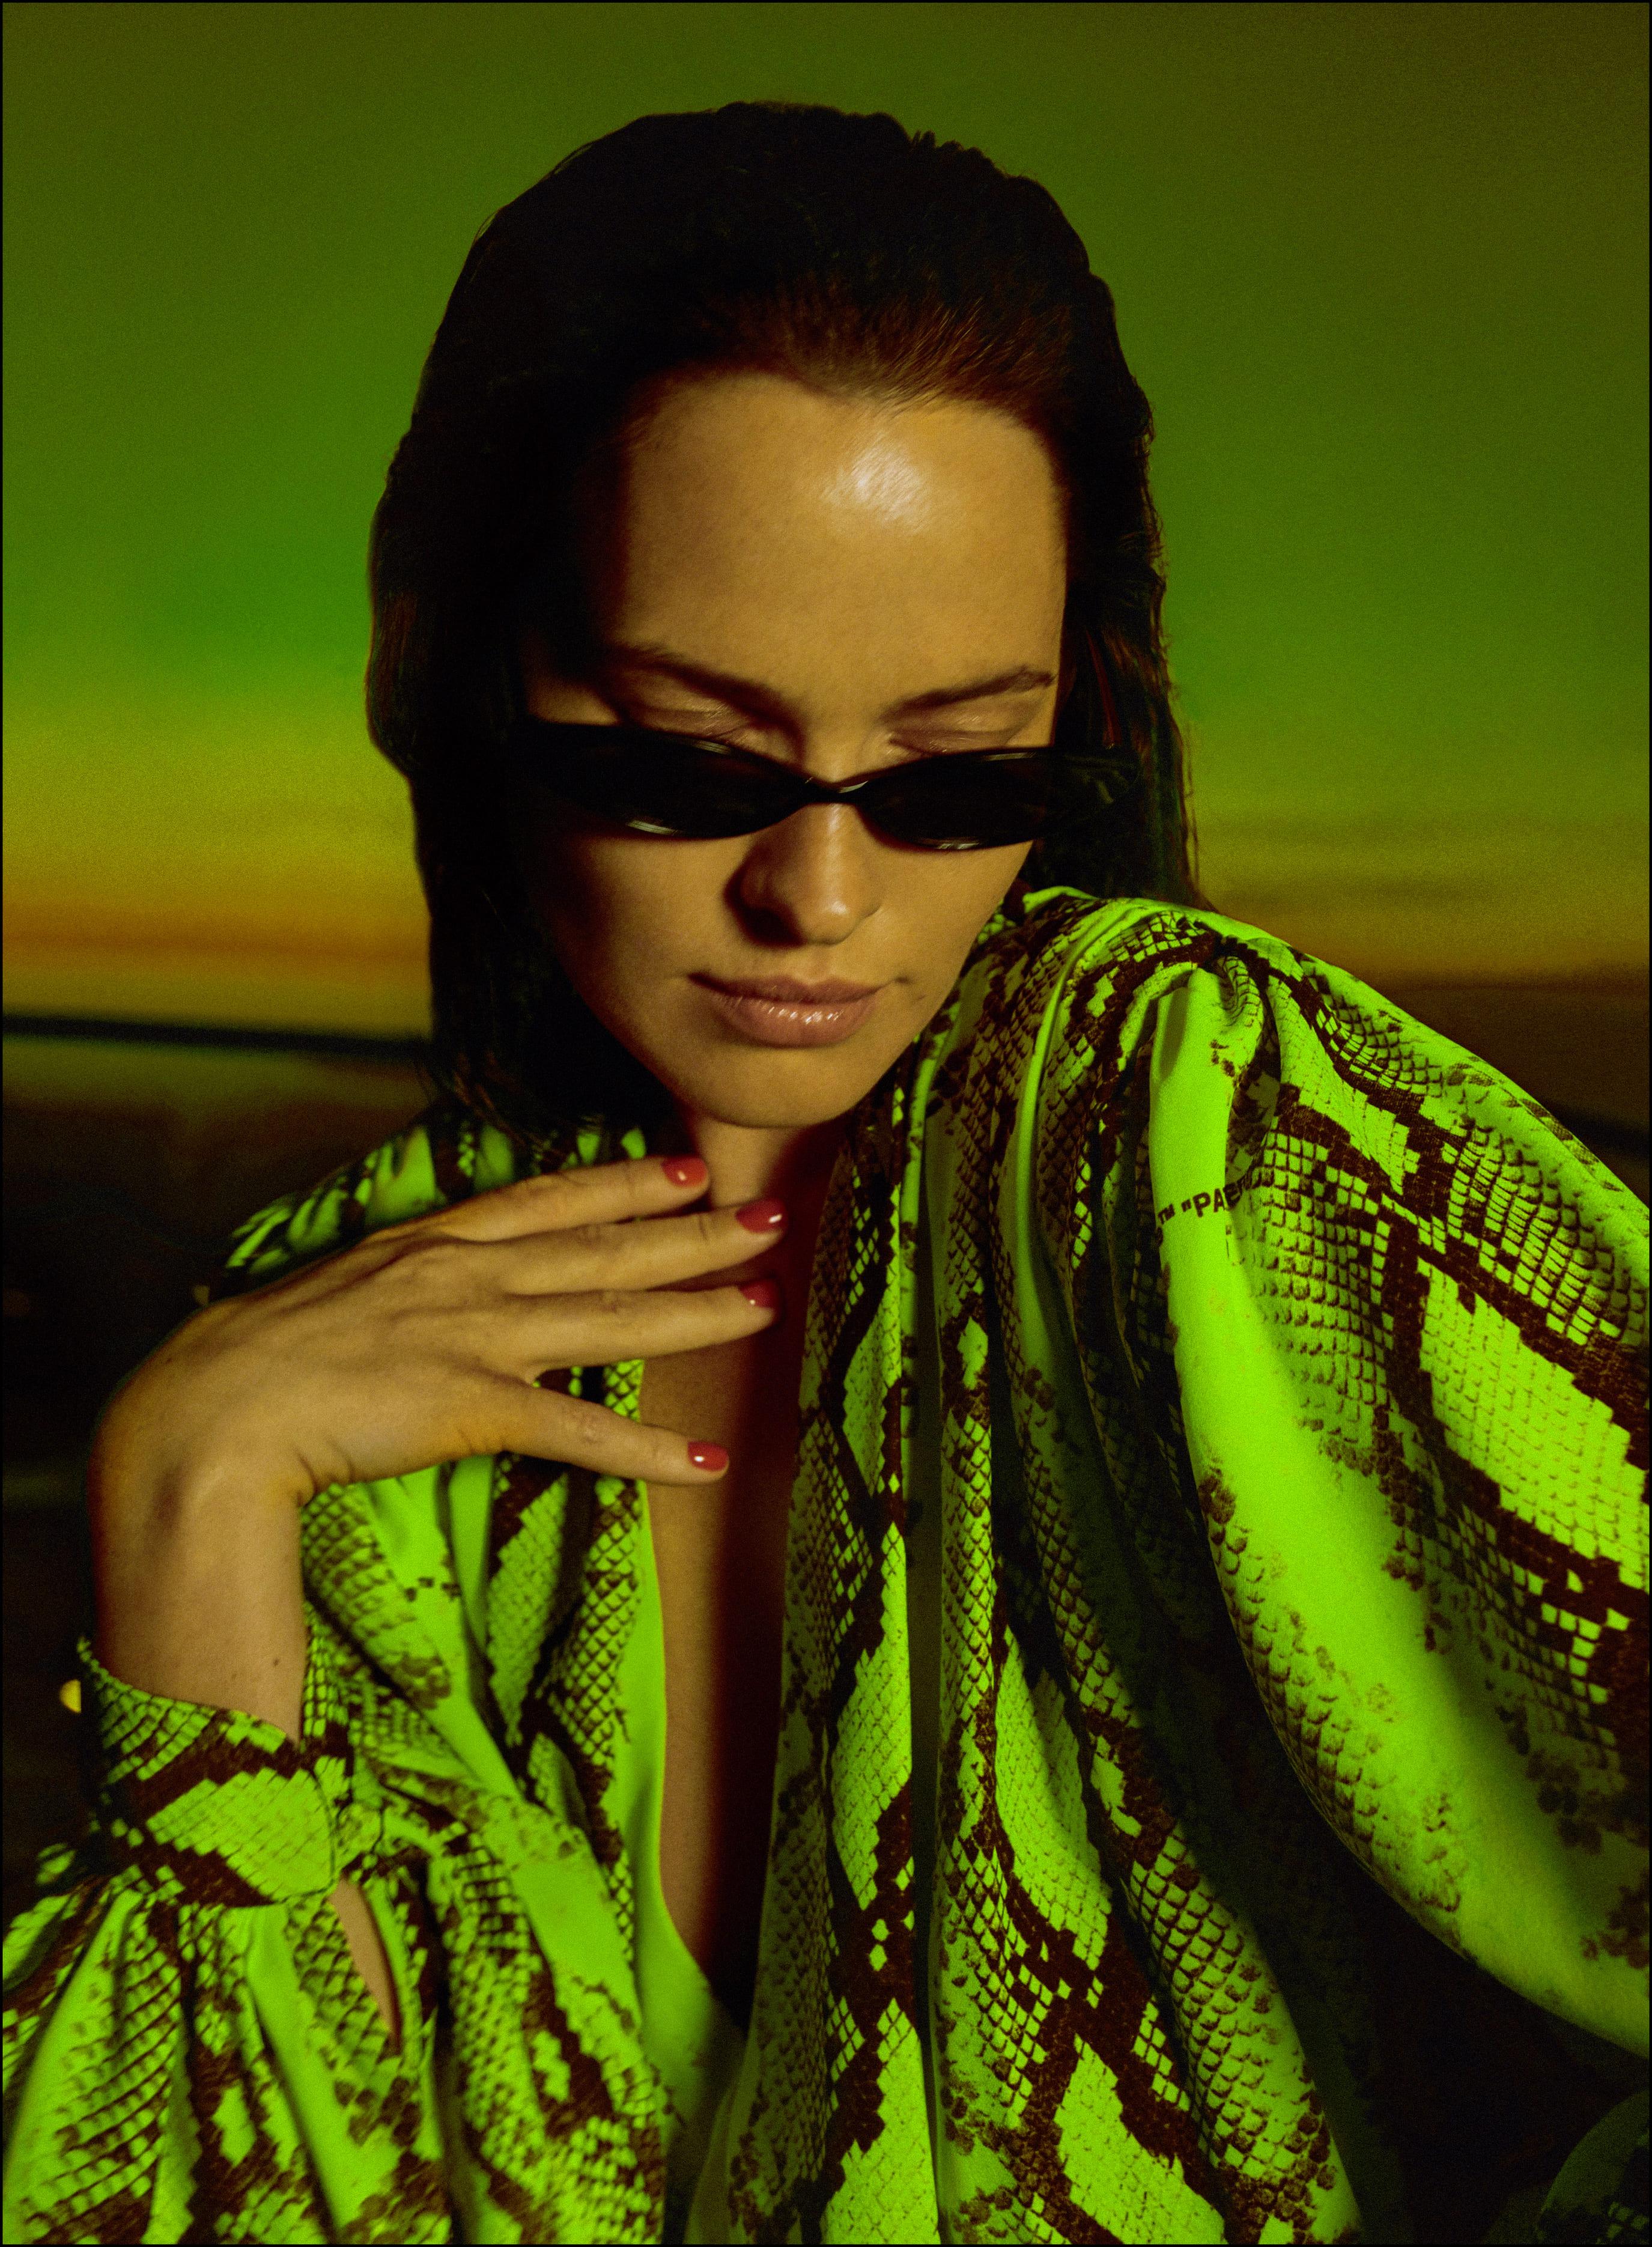 Даша Астафьева выпустила манящее лирик-видео на песню